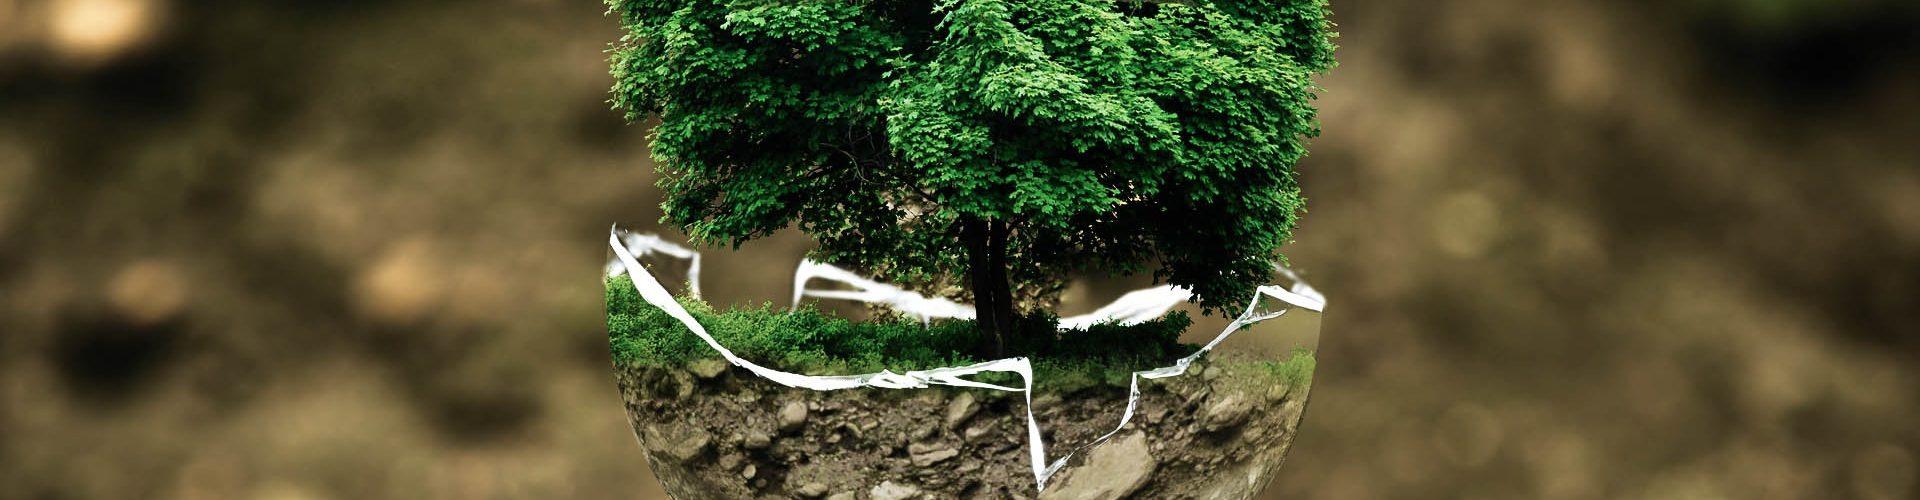 La protección del medioambiente es una de las áreas que suelen trabajar en la RSC.